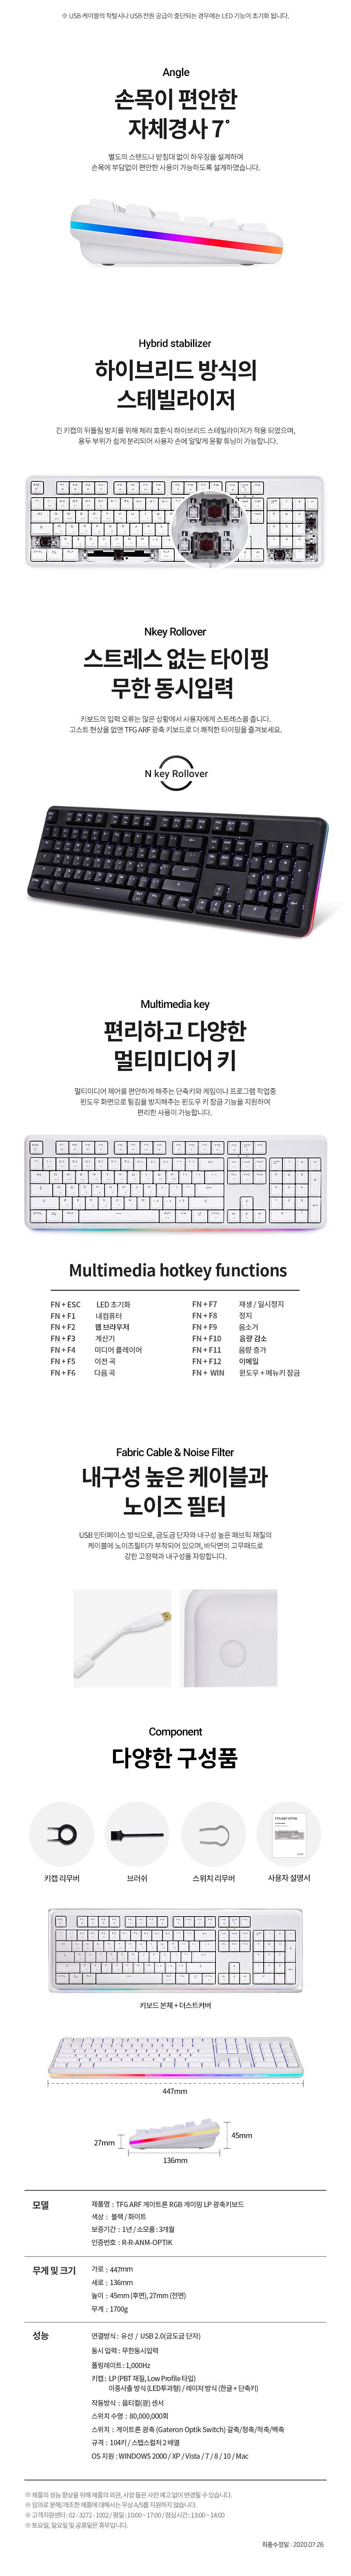 한성컴퓨터 TFG ARF 게이트론 RGB 게이밍 LP 광축키보드 (화이트, 백축)